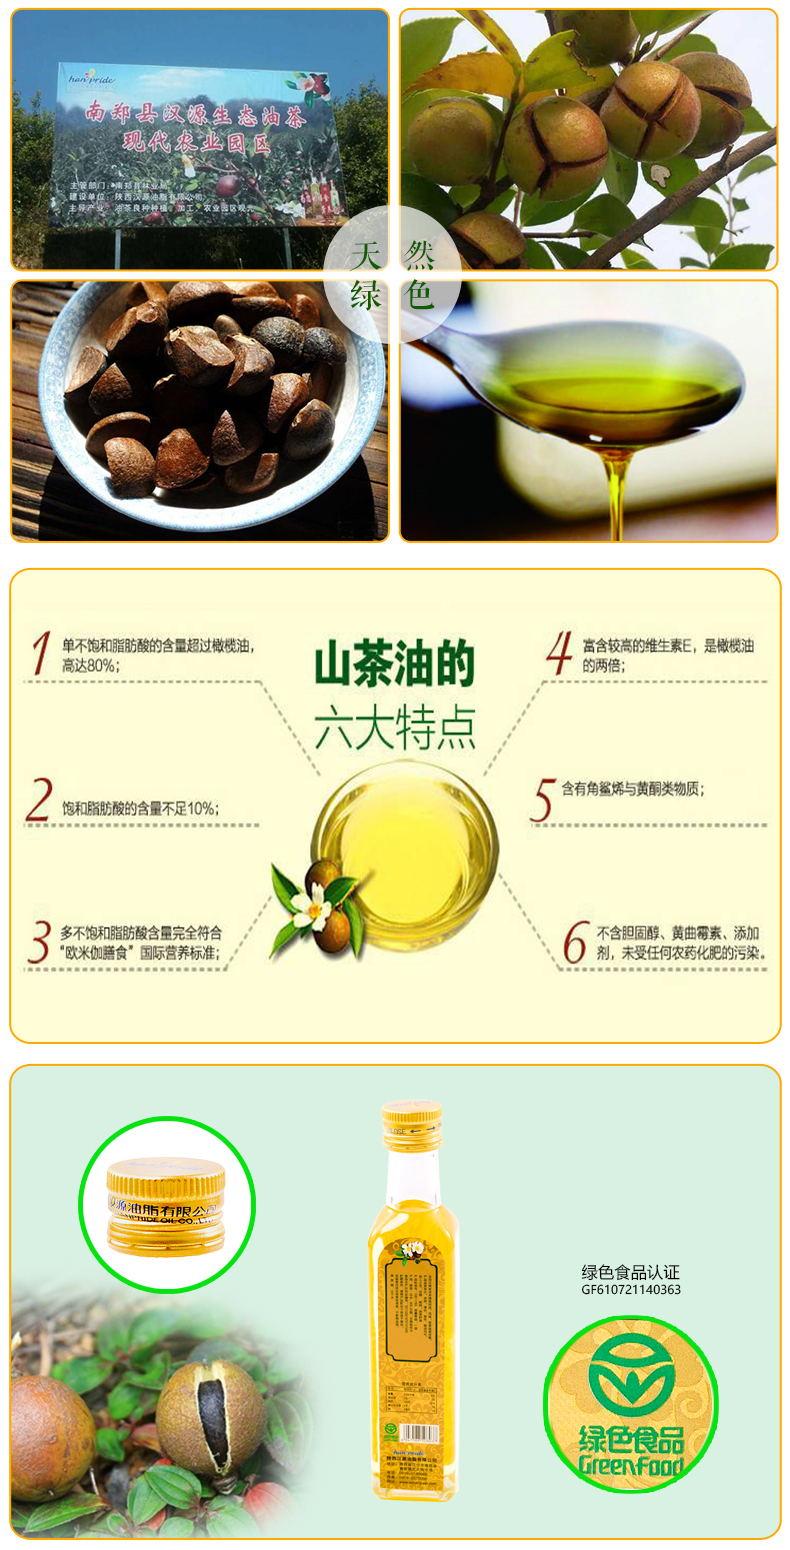 汉之源山茶油详情页_02(1).jpg